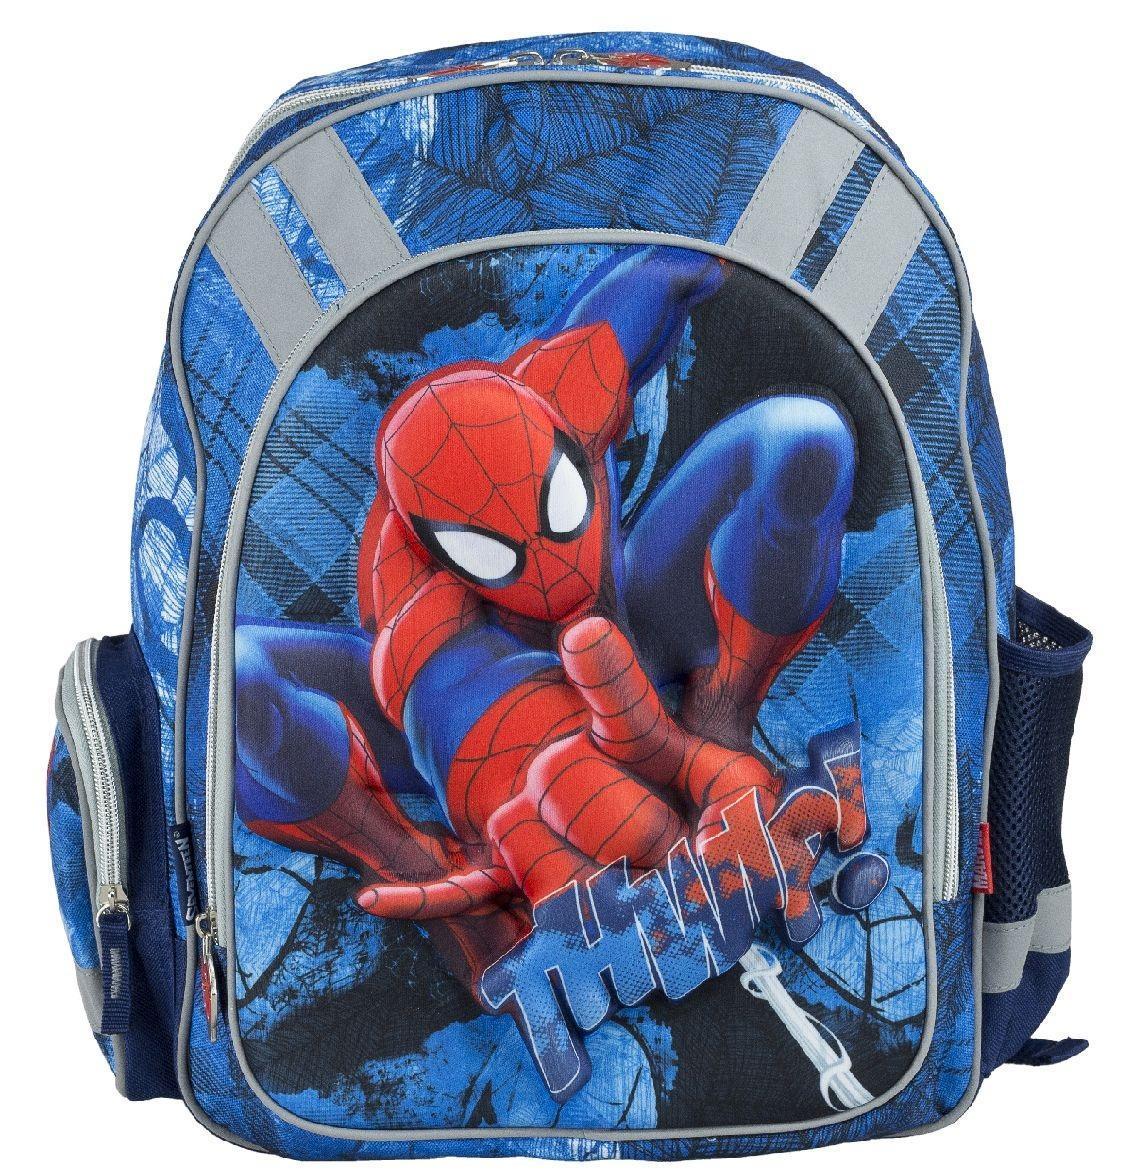 Рюкзак школьный Spider-Man, цвет: темно-синий, голубой. SMCB-RT2-836ESMCB-RT2-836EРюкзак школьный Spider-Man обязательно понравится вашему школьнику. Выполнен из прочных и высококачественных материалов, дополнен объемным и реалистичным изображением Человека-паука.Содержит одно вместительное отделение, закрывающееся на застежку-молнию с двумя бегунками. Бегунки застежки оформлены металлическими держателями в виде паука. Внутри отделения находятся две перегородки для тетрадей или учебников, а также открытый карман-сетка. Дно рюкзака можно сделать жестким, разложив специальную панель с пластиковой вставкой, что повышает сохранность содержимого рюкзака и способствует правильному распределению нагрузки. Лицевая сторона оснащена накладным карманом на молнии. По бокам расположены два накладных кармана: на застежке-молнии и открытый, стянутый сверху резинкой. Специально разработанная архитектура спинки со стабилизирующими набивными элементами повторяет естественный изгиб позвоночника. Набивные элементы обеспечивают вентиляцию спины ребенка. Плечевые лямки анатомической формы равномерно распределяют нагрузку на плечевую и воротниковую зоны. Конструкция пряжки лямок позволяет отрегулировать рюкзак по фигуре. Рюкзак оснащен эргономичной ручкой для удобной переноски в руке. Светоотражающие элементы обеспечивают безопасность в темное время суток.Многофункциональный школьный рюкзак станет незаменимым спутником вашего ребенка в походах за знаниями.Вес рюкзака без наполнения: 700 г.Рекомендуемый возраст: от 7 лет.